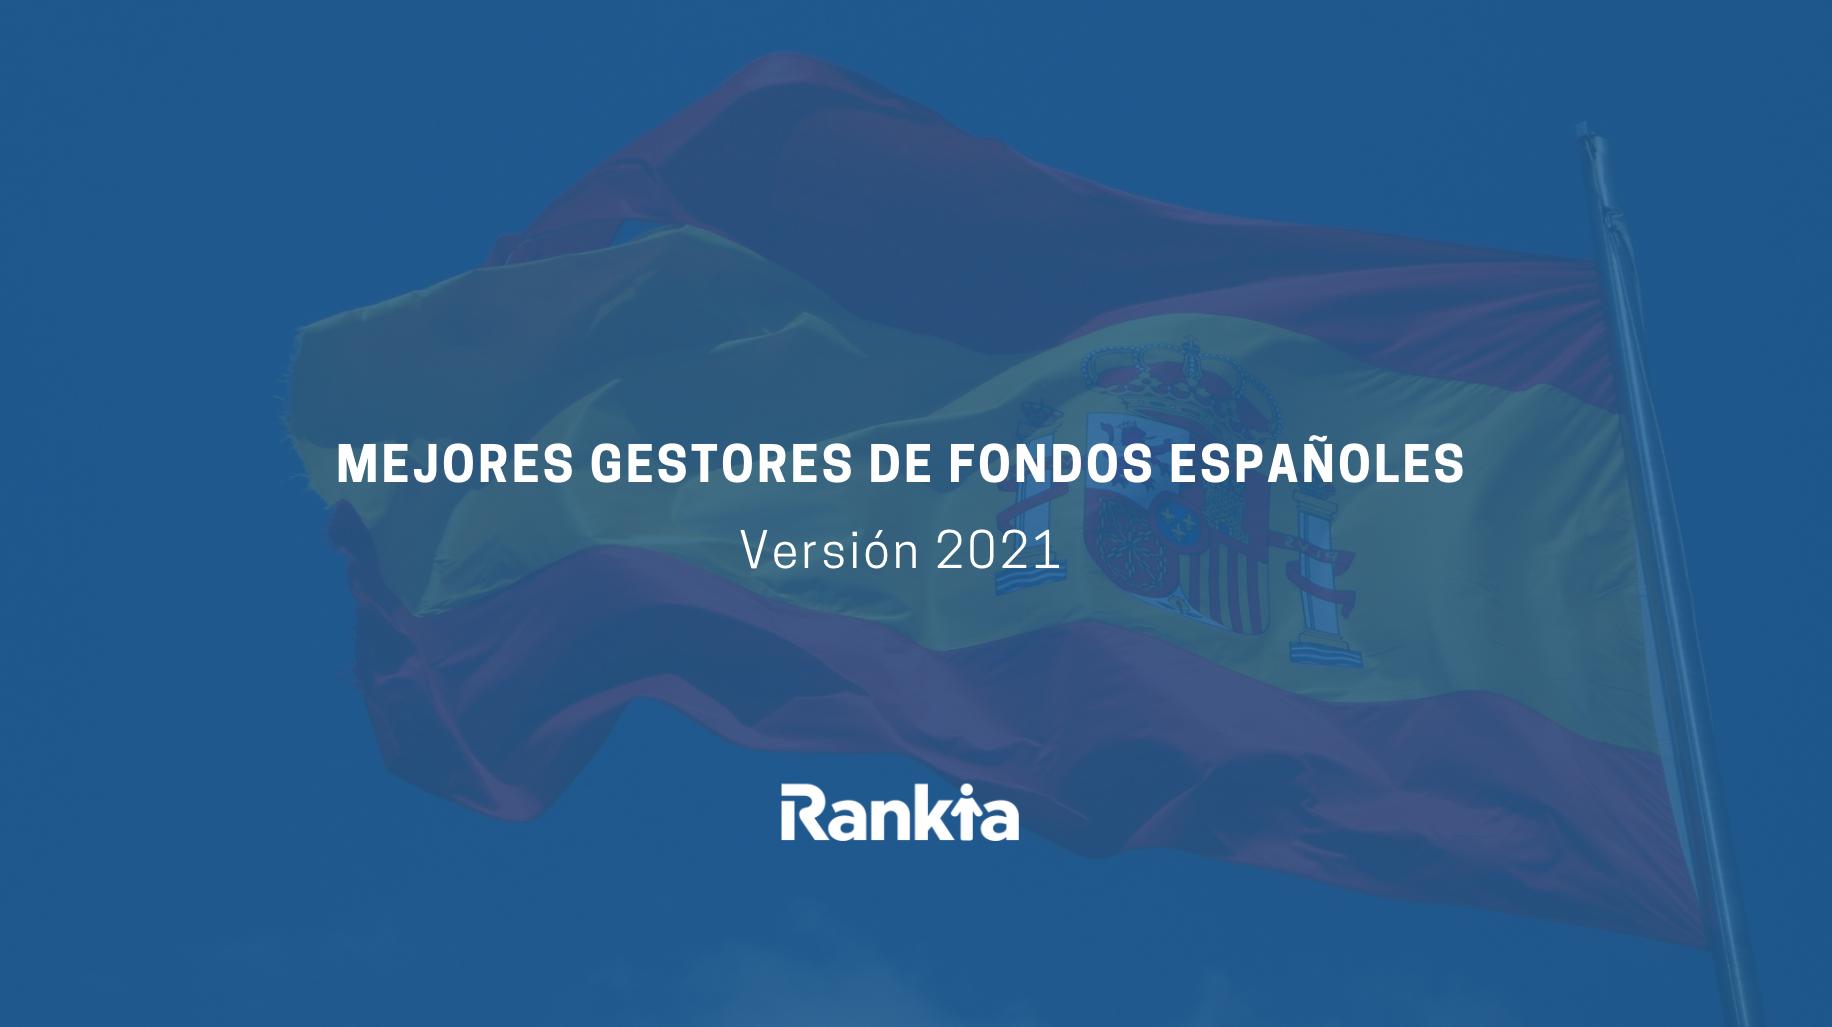 Mejores gestores fondos españoles 2021